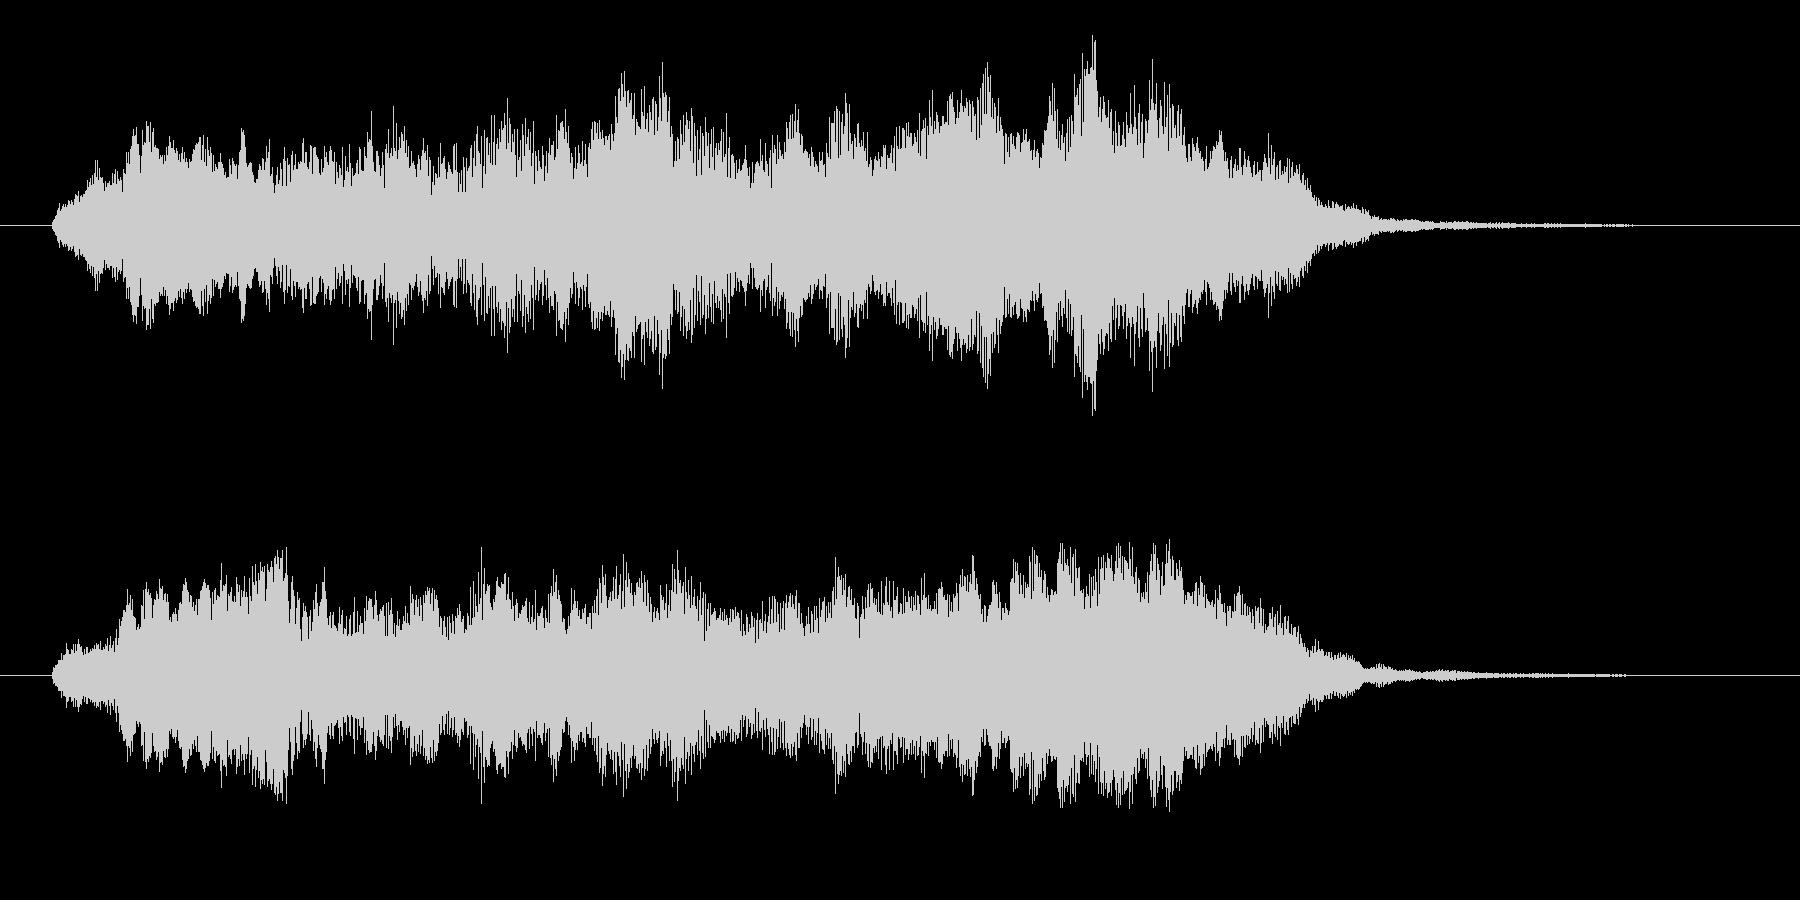 幻想的な合唱とストリングス 高音版 壮麗の未再生の波形